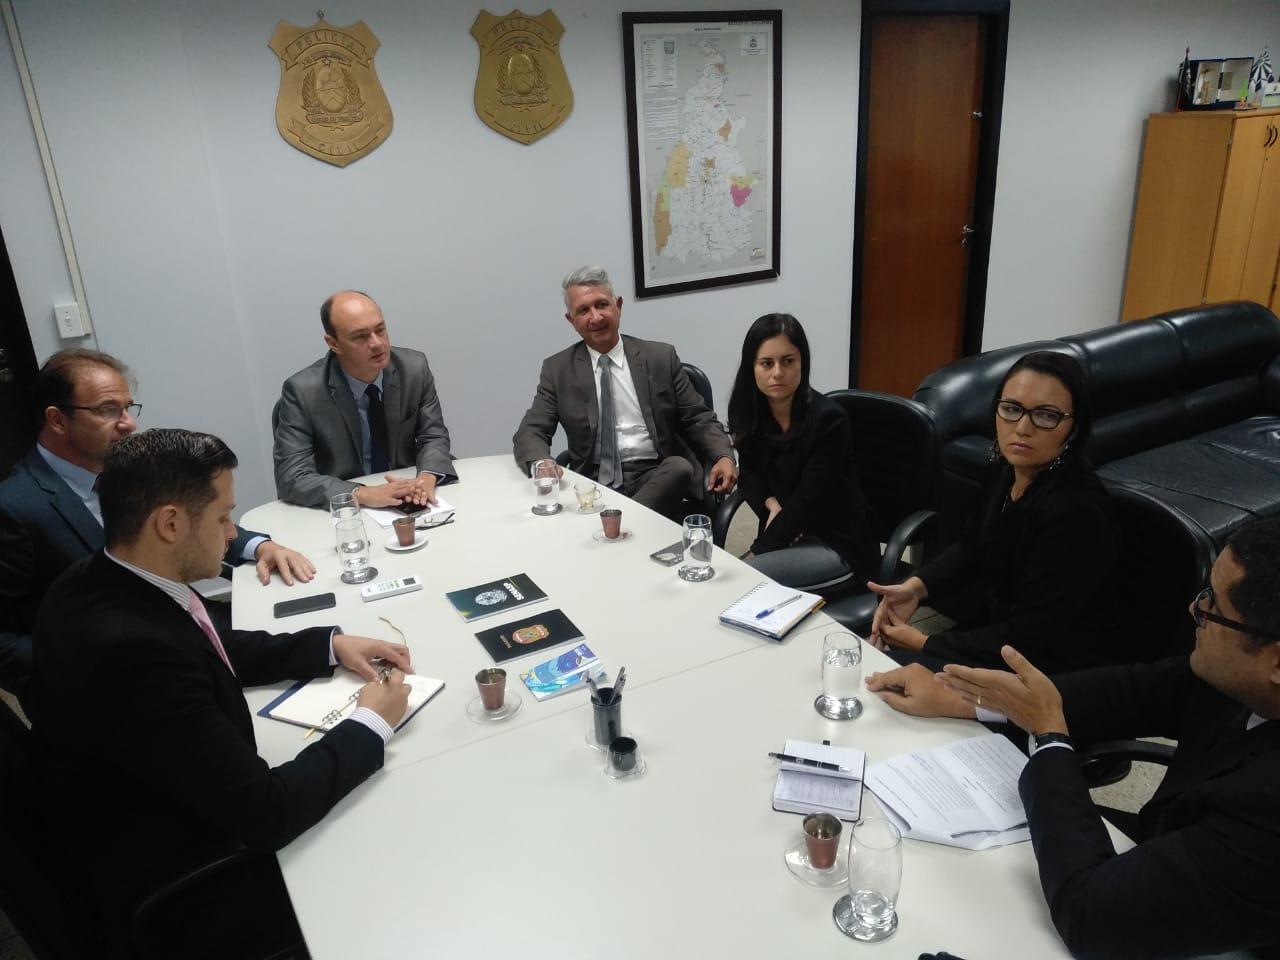 Segurança Pública TO e Polícia Federal iniciam tratativas para cooperação técnica